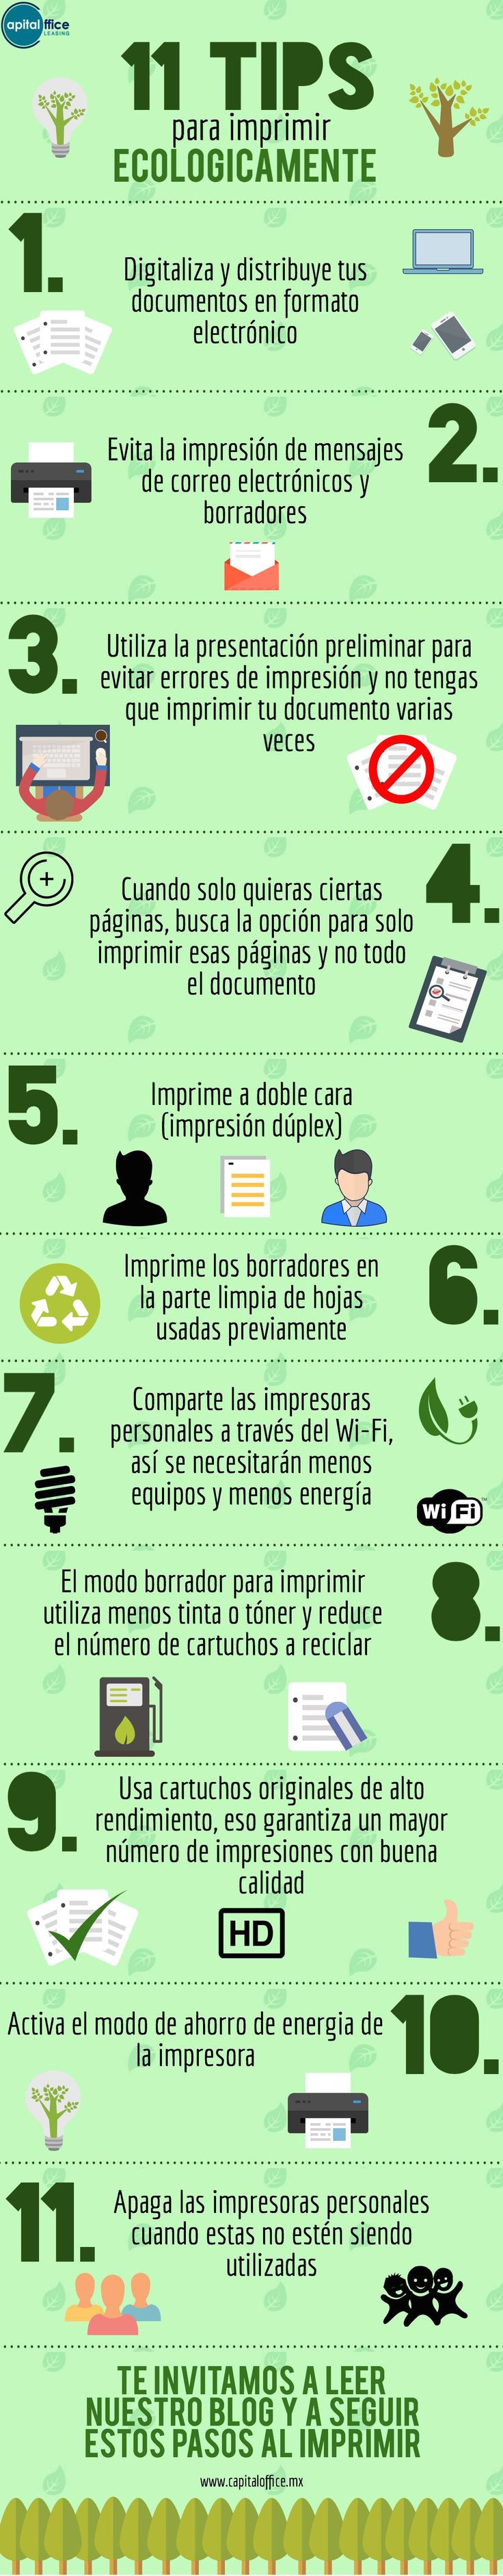 Tips para imprimir de manera m s ecologica medioambiente for Oficina de medio ambiente